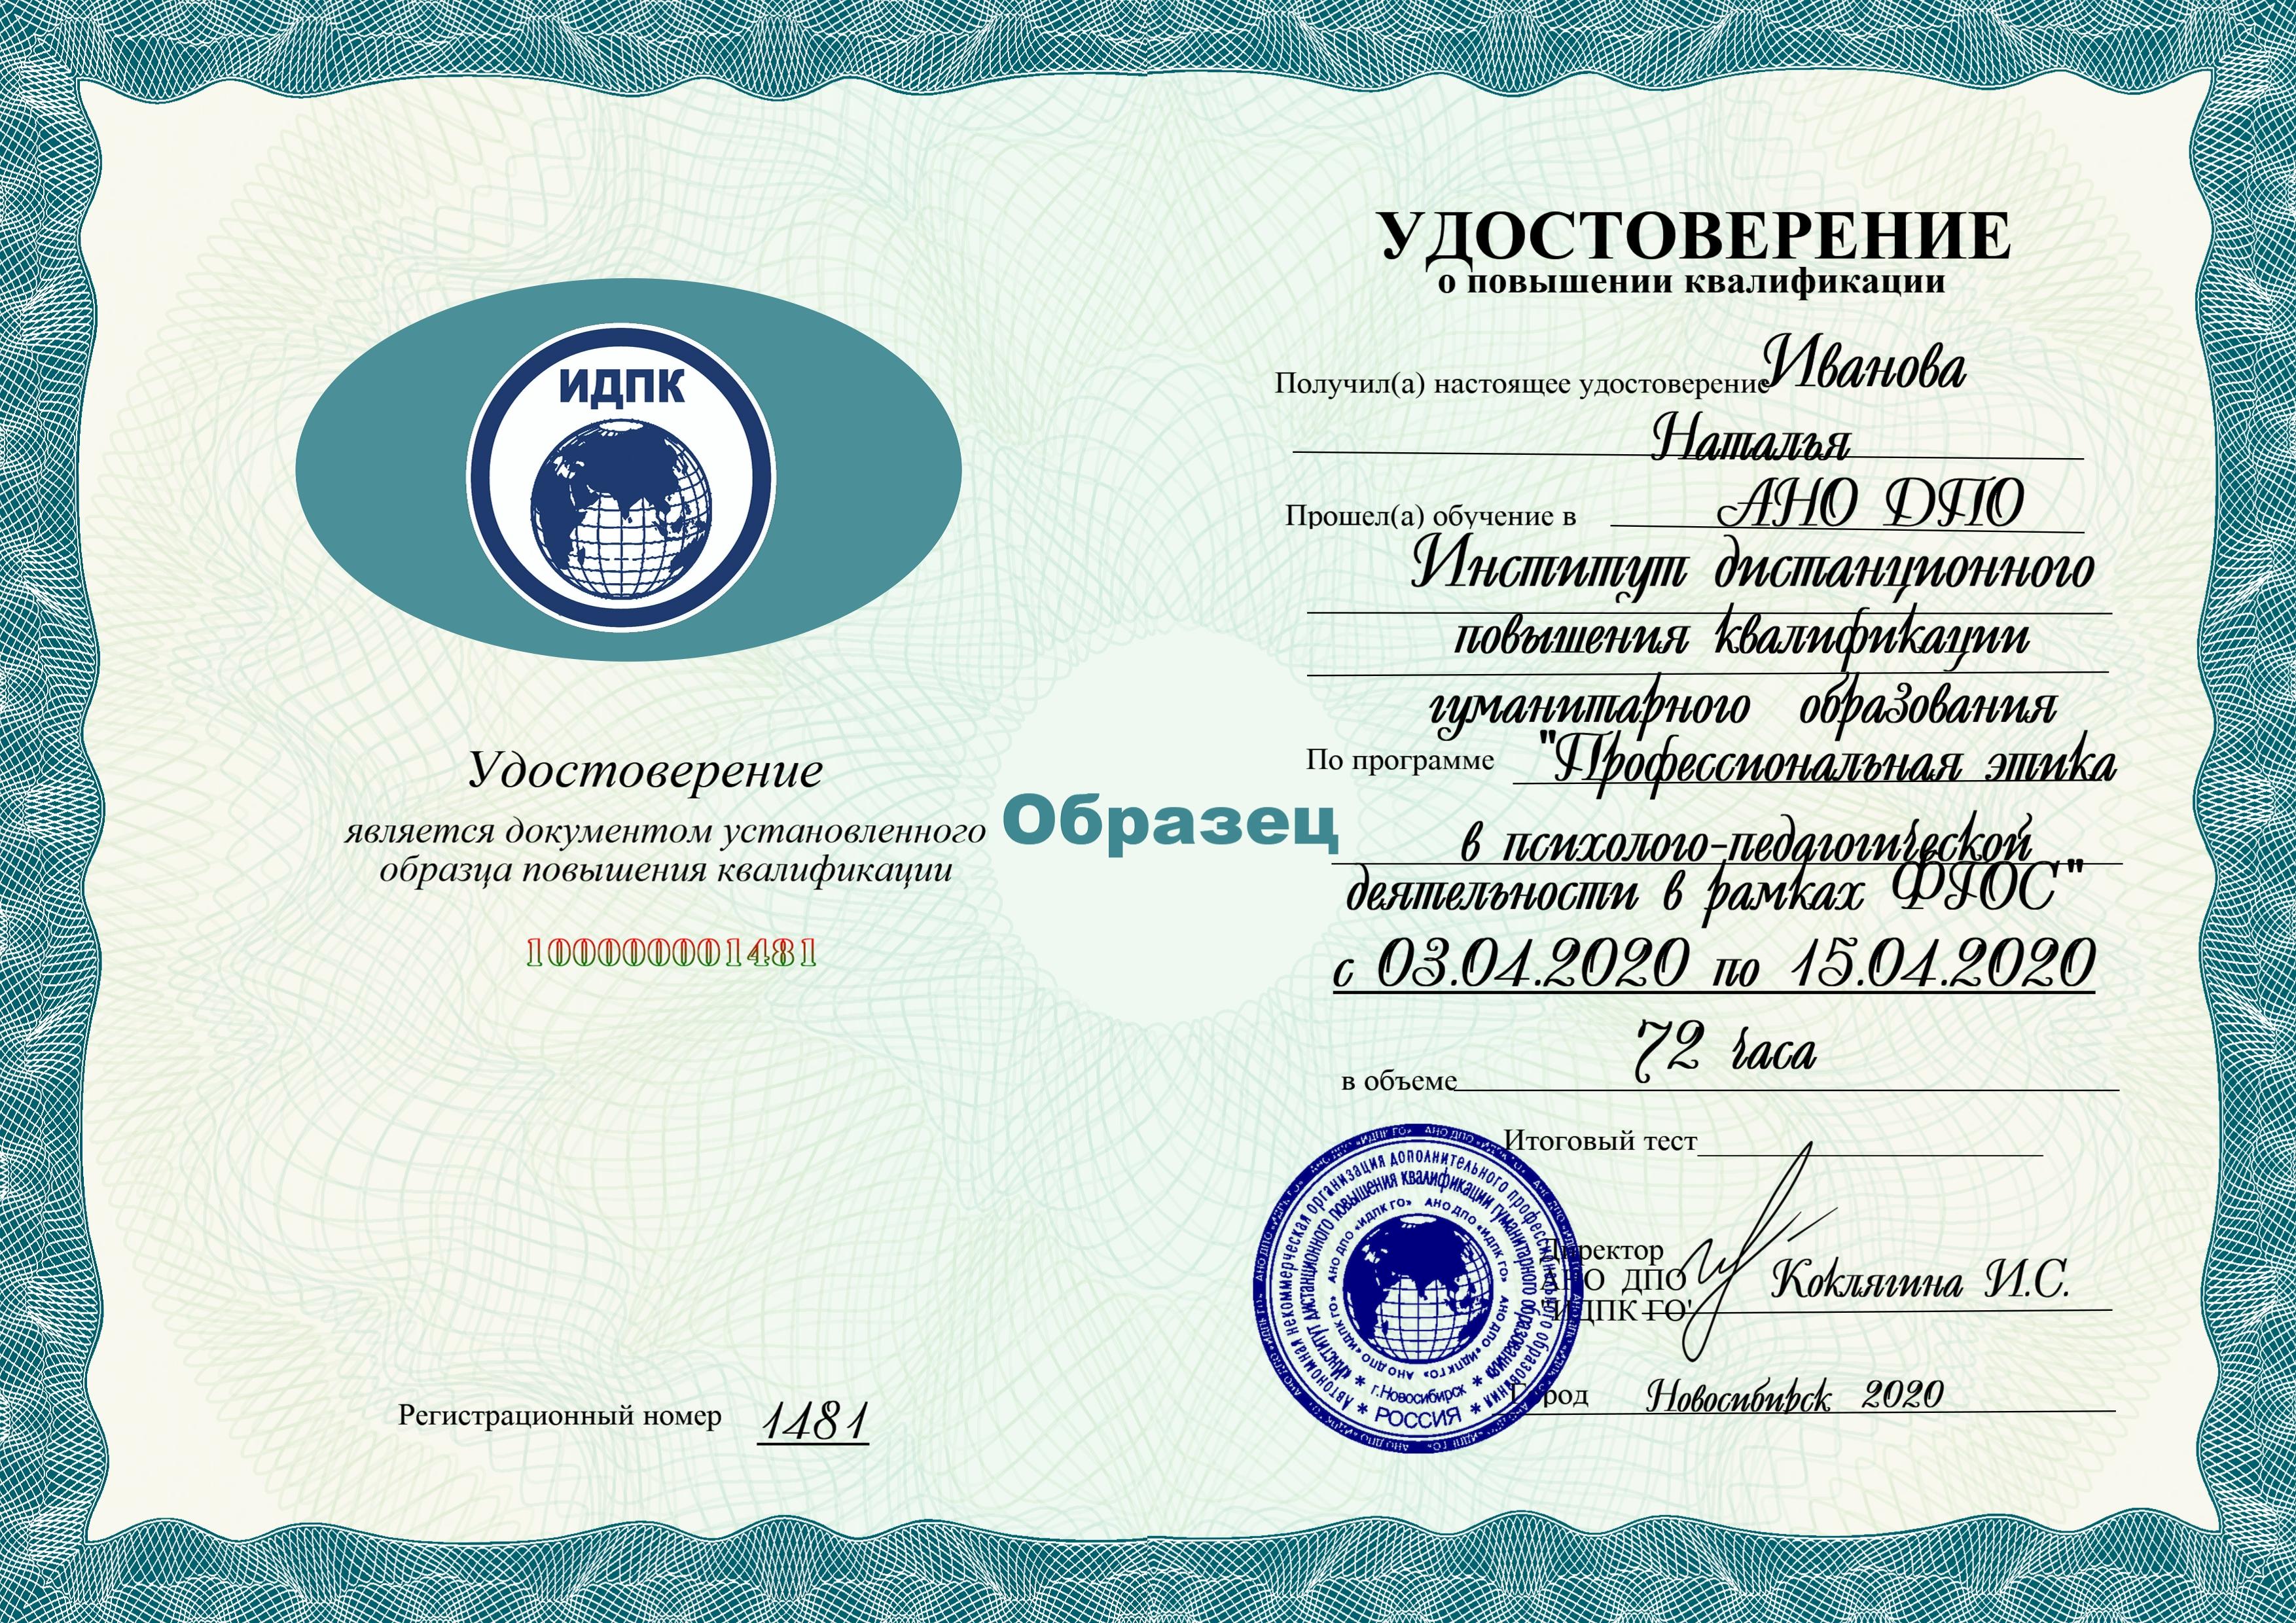 Образец сертификата на 1.3.